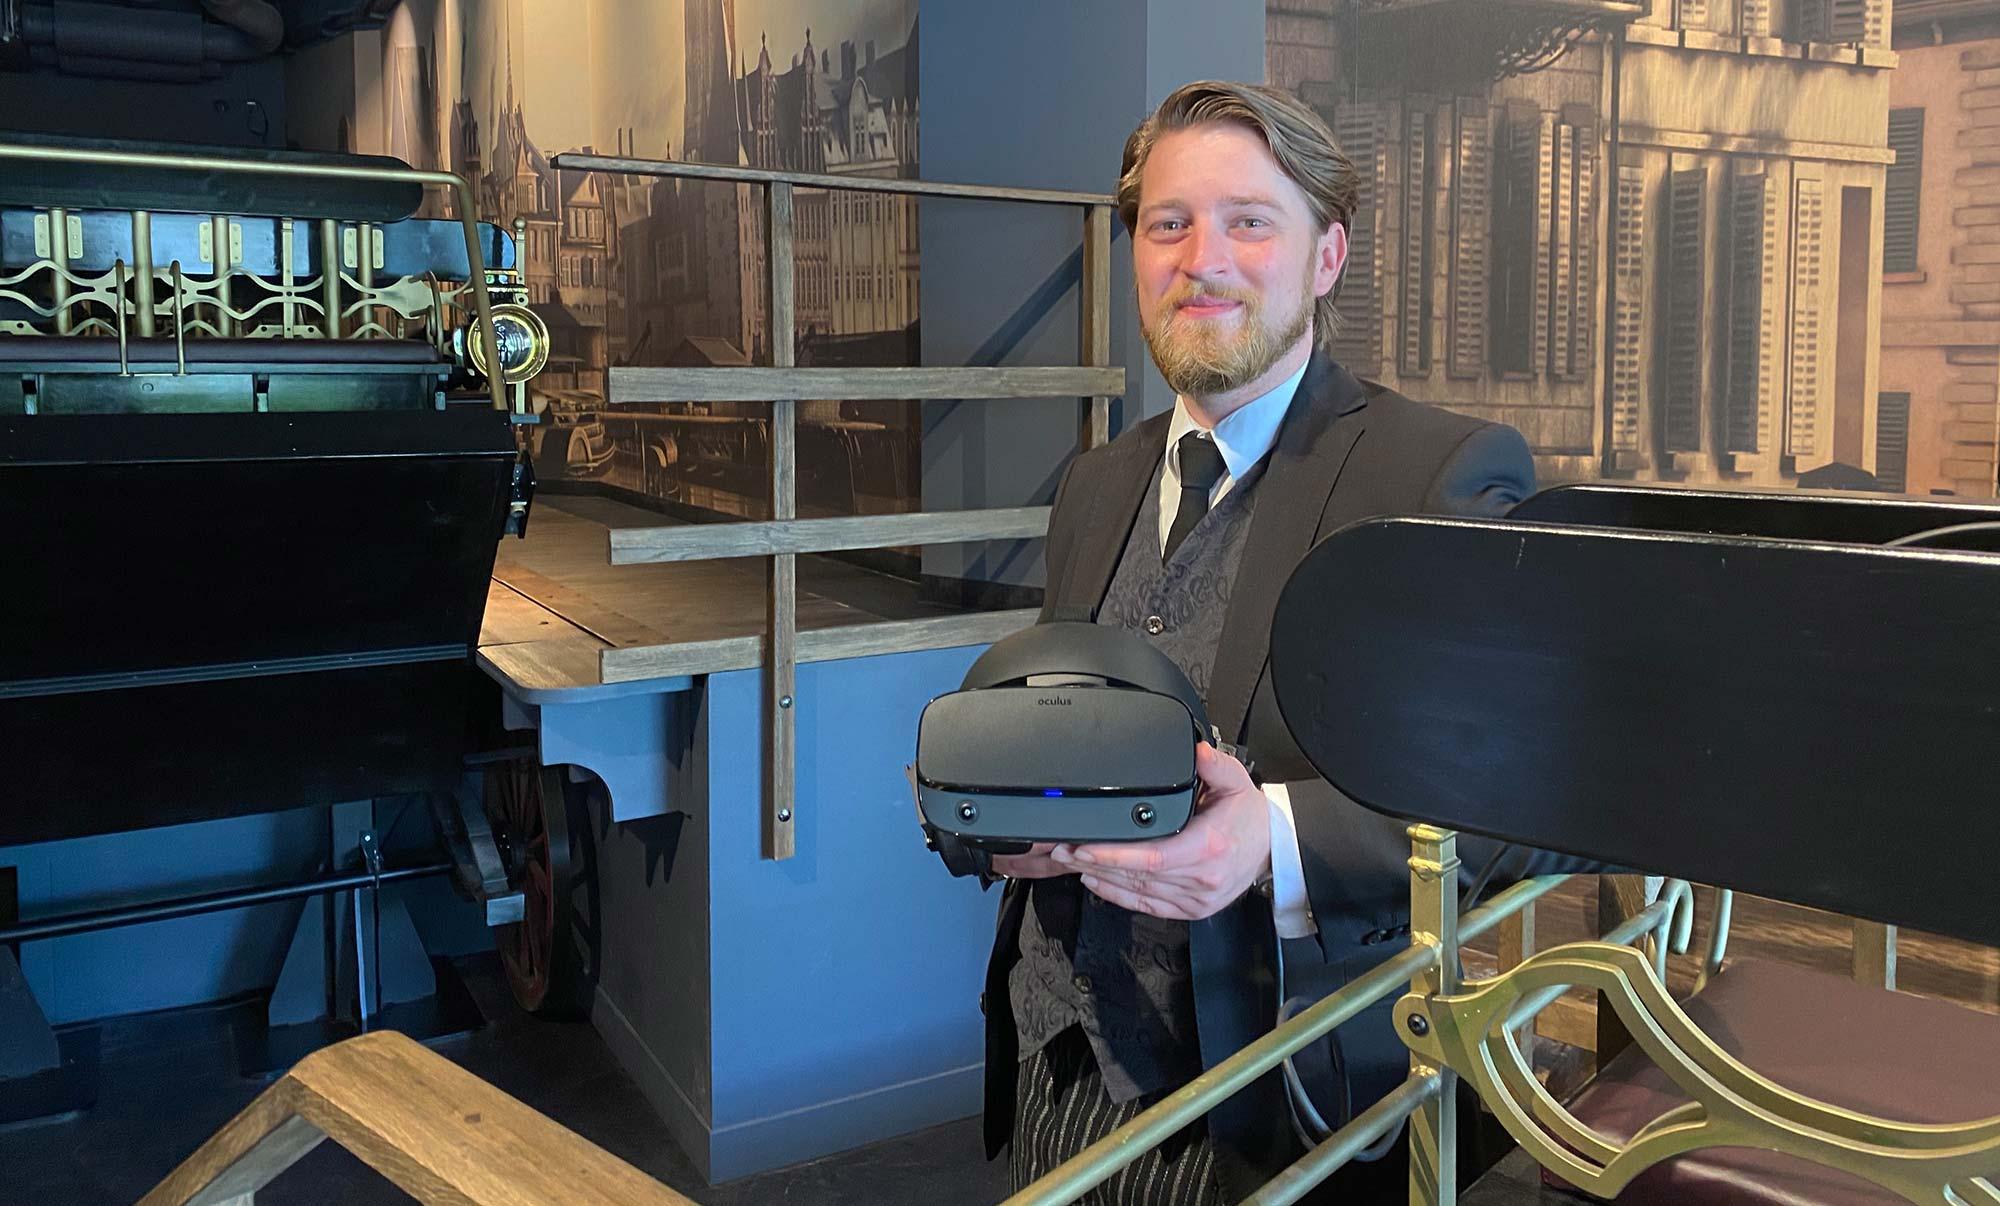 Jonas Rothe im Interview - Zeitreise Frankfurt - Zeitreisen in Deutschland - Time Ride Kutschfahrt mit Virtual Reality das alte Frankfurt besuchen